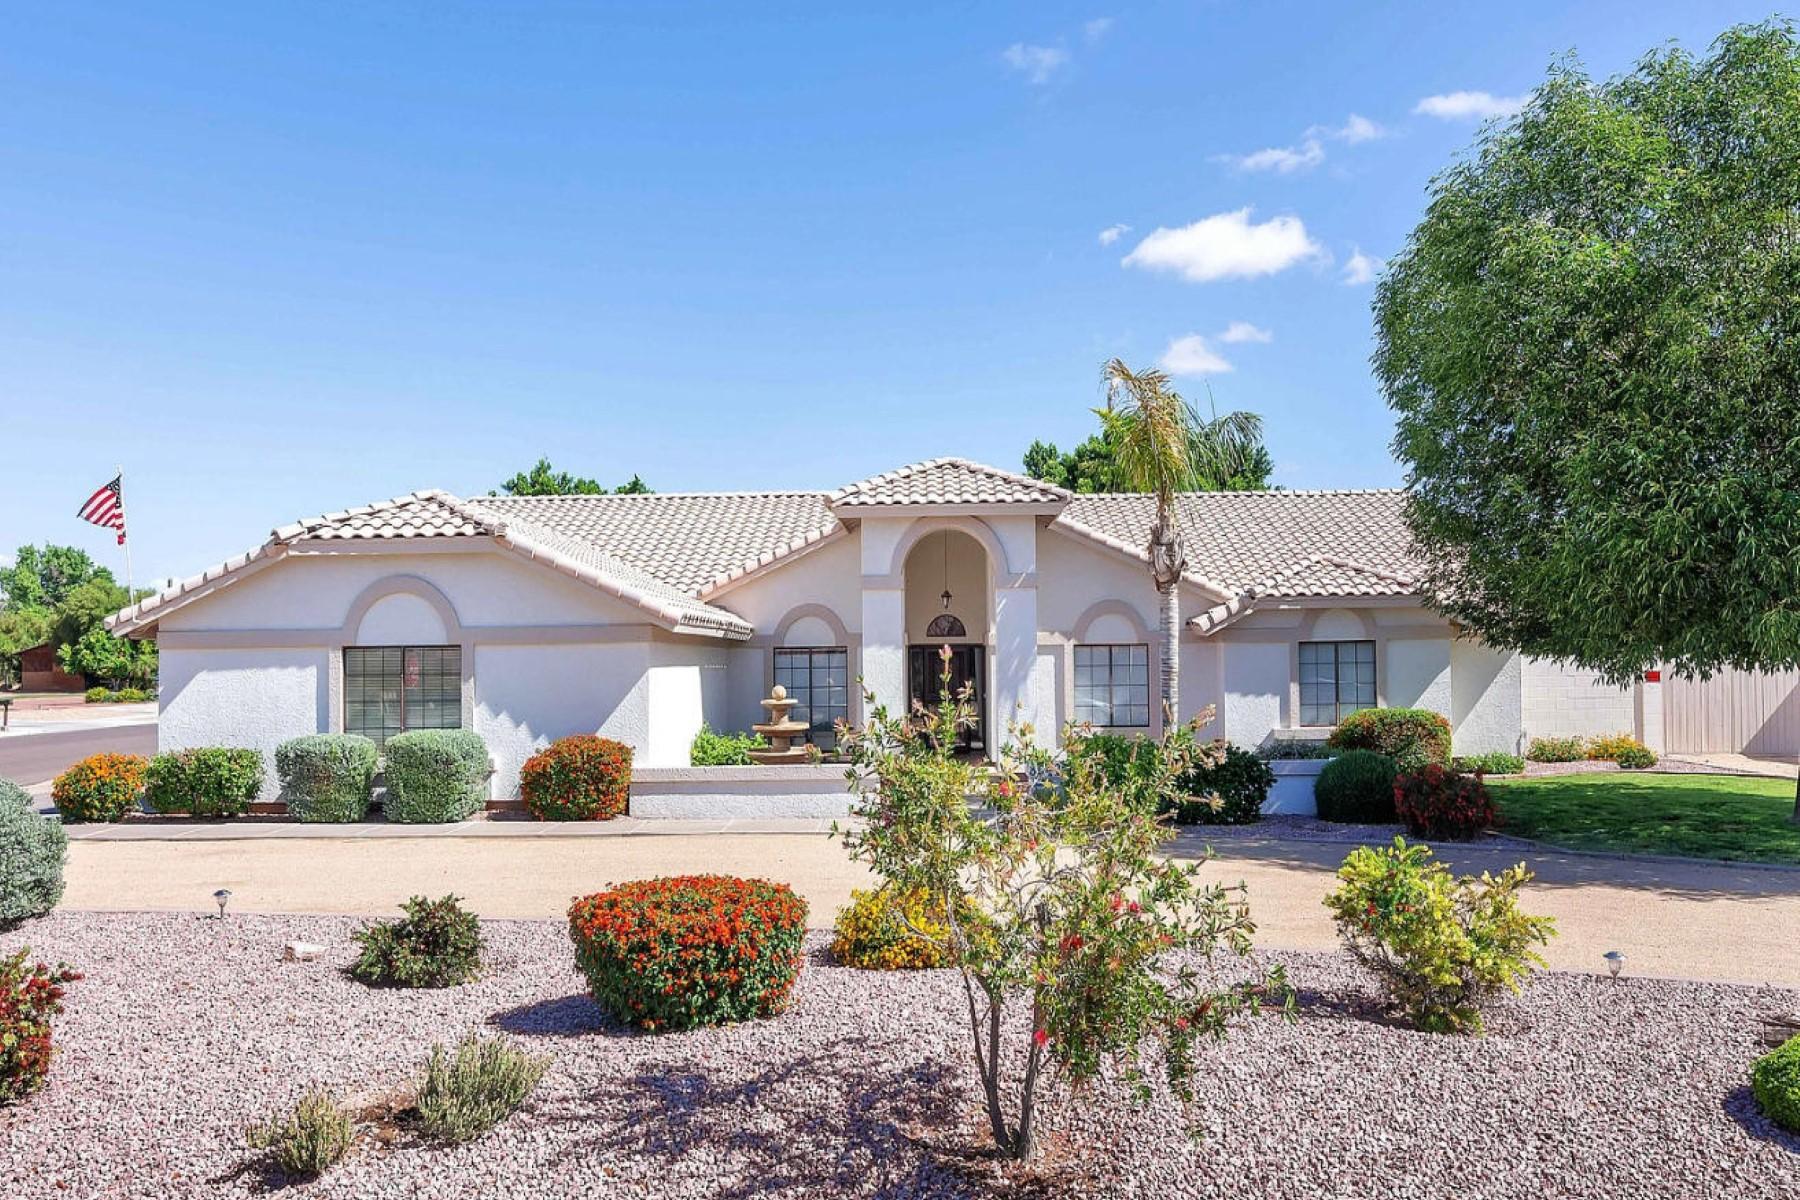 Single Family Homes for Sale at Citrus Garden Estates 8642 W VIA MONTOYA DR Peoria, Arizona 85383 United States